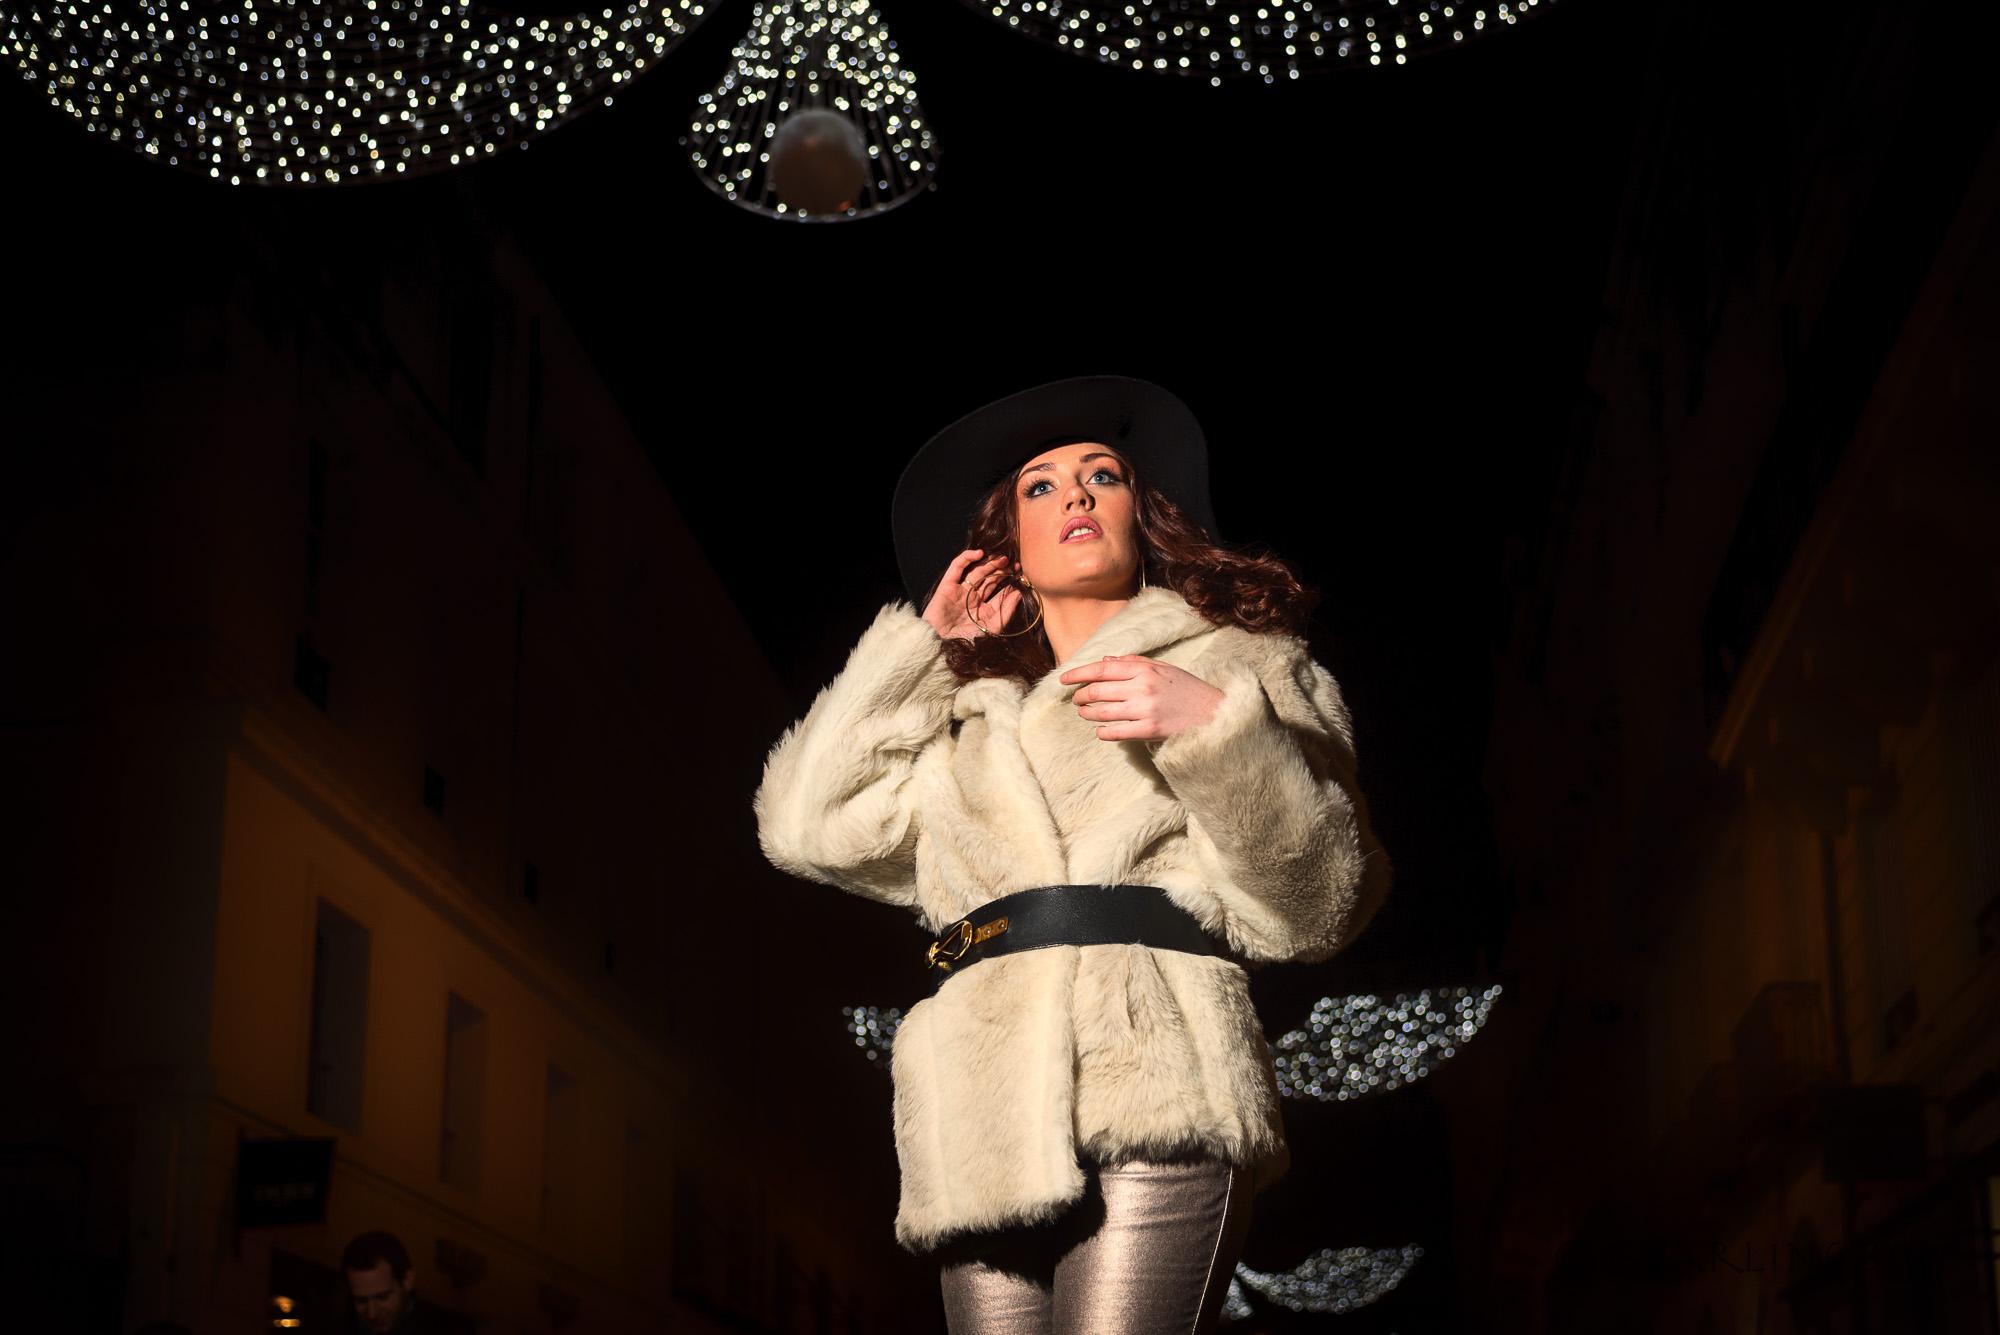 sur les quai de Bordeaux fashion-9.jpg